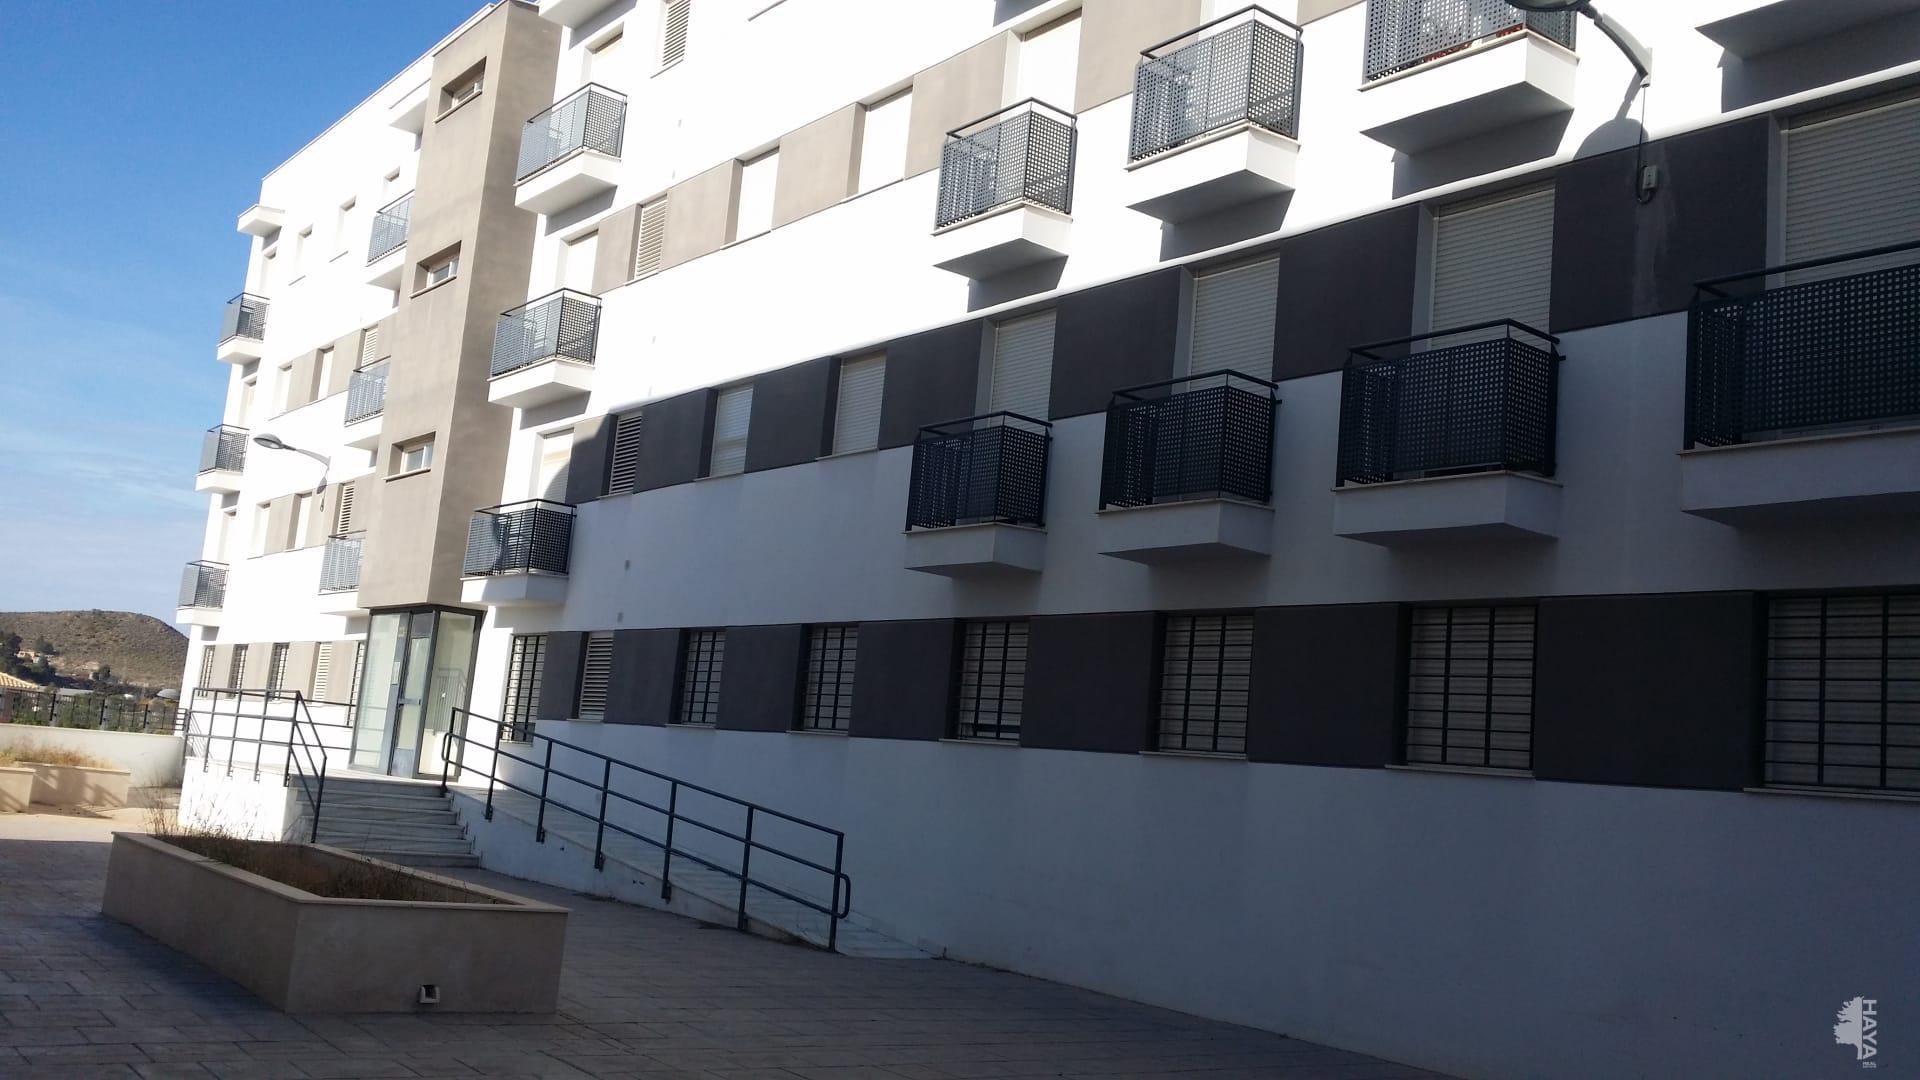 Piso en venta en Olula del Río, Almería, Calle Alta, 66.200 €, 2 habitaciones, 2 baños, 95 m2